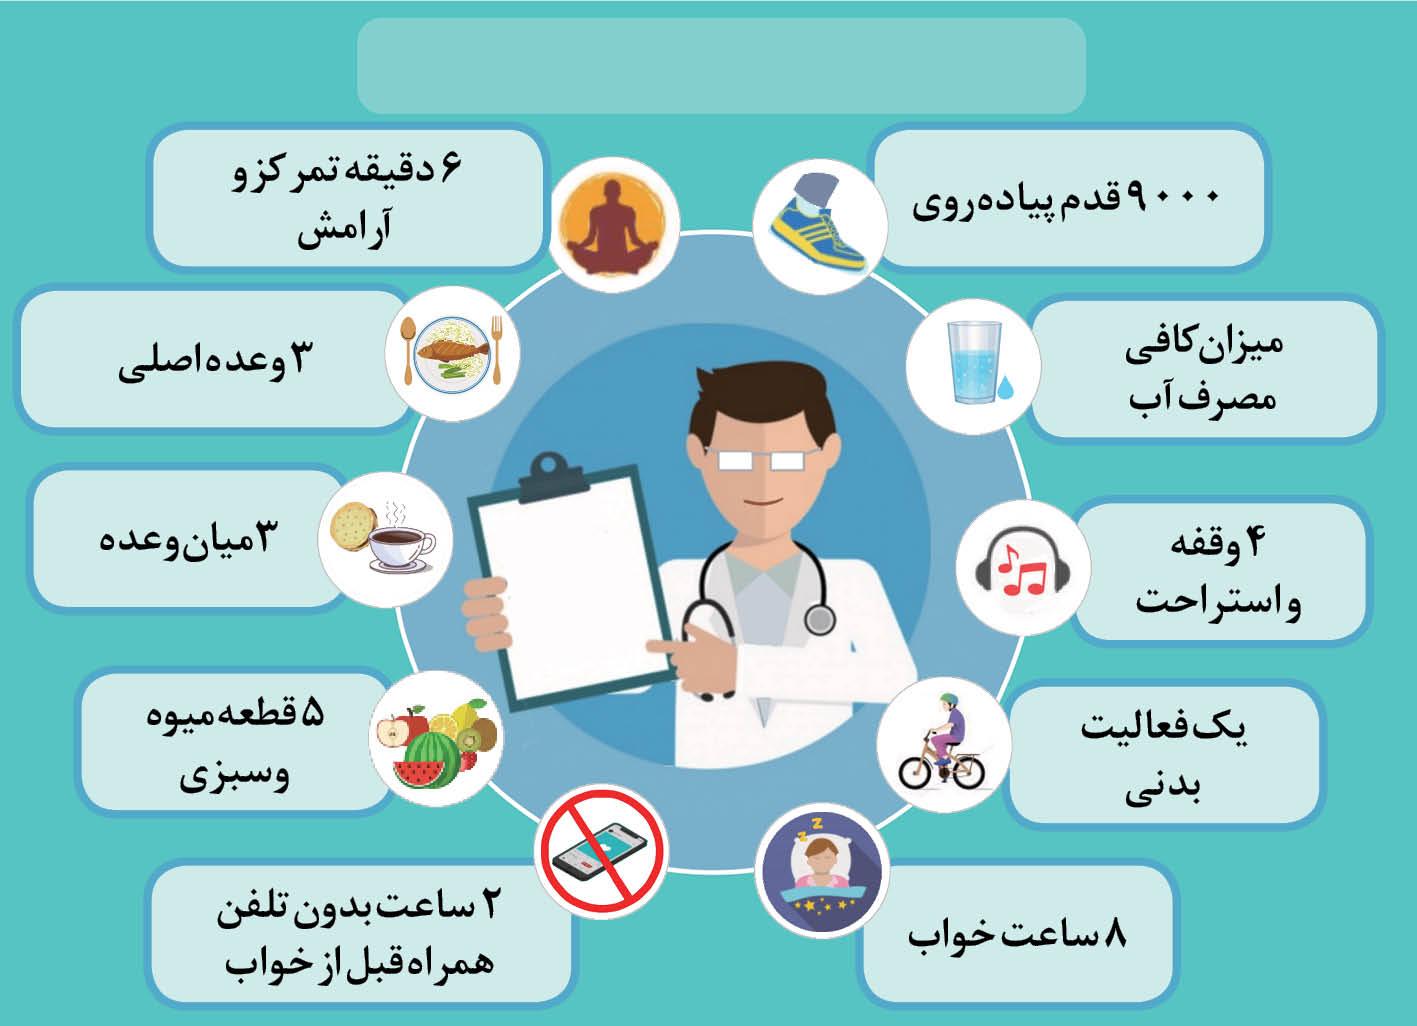 راهکارهای حفظ سلامتی بدن+اینفوگرافی